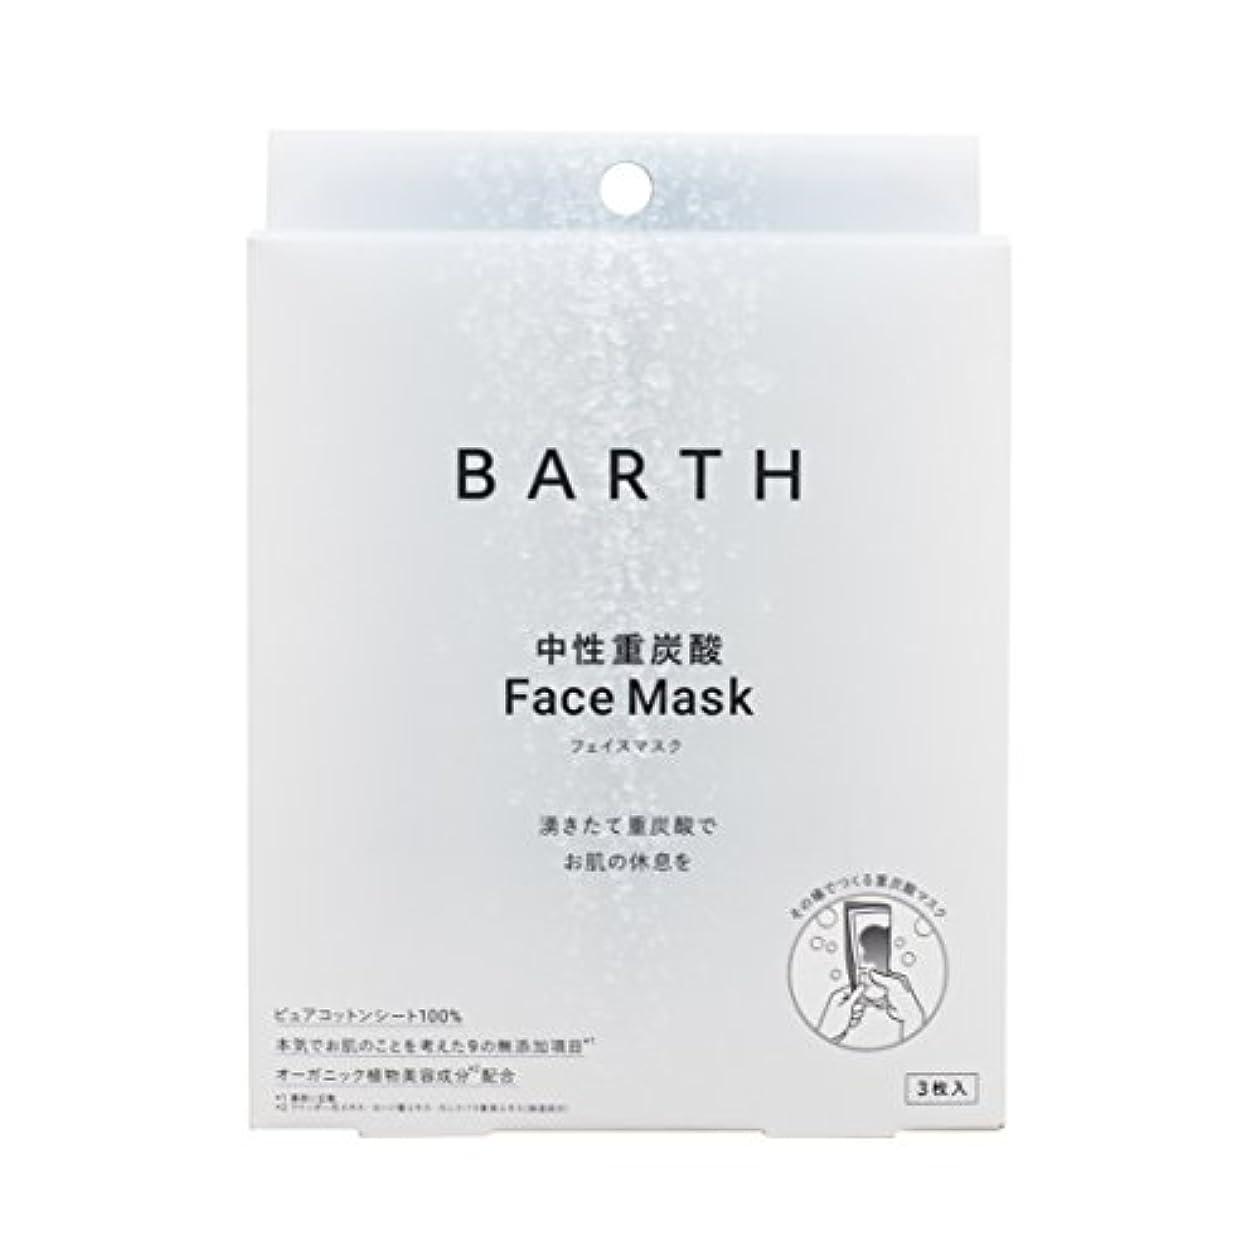 在庫飾る民間BARTH【バース】 中性 重炭酸 フェイスマスク (無添加 日本製 ピュアコットン 100% オーガニック植物美容成分3種入り) (3包入り)